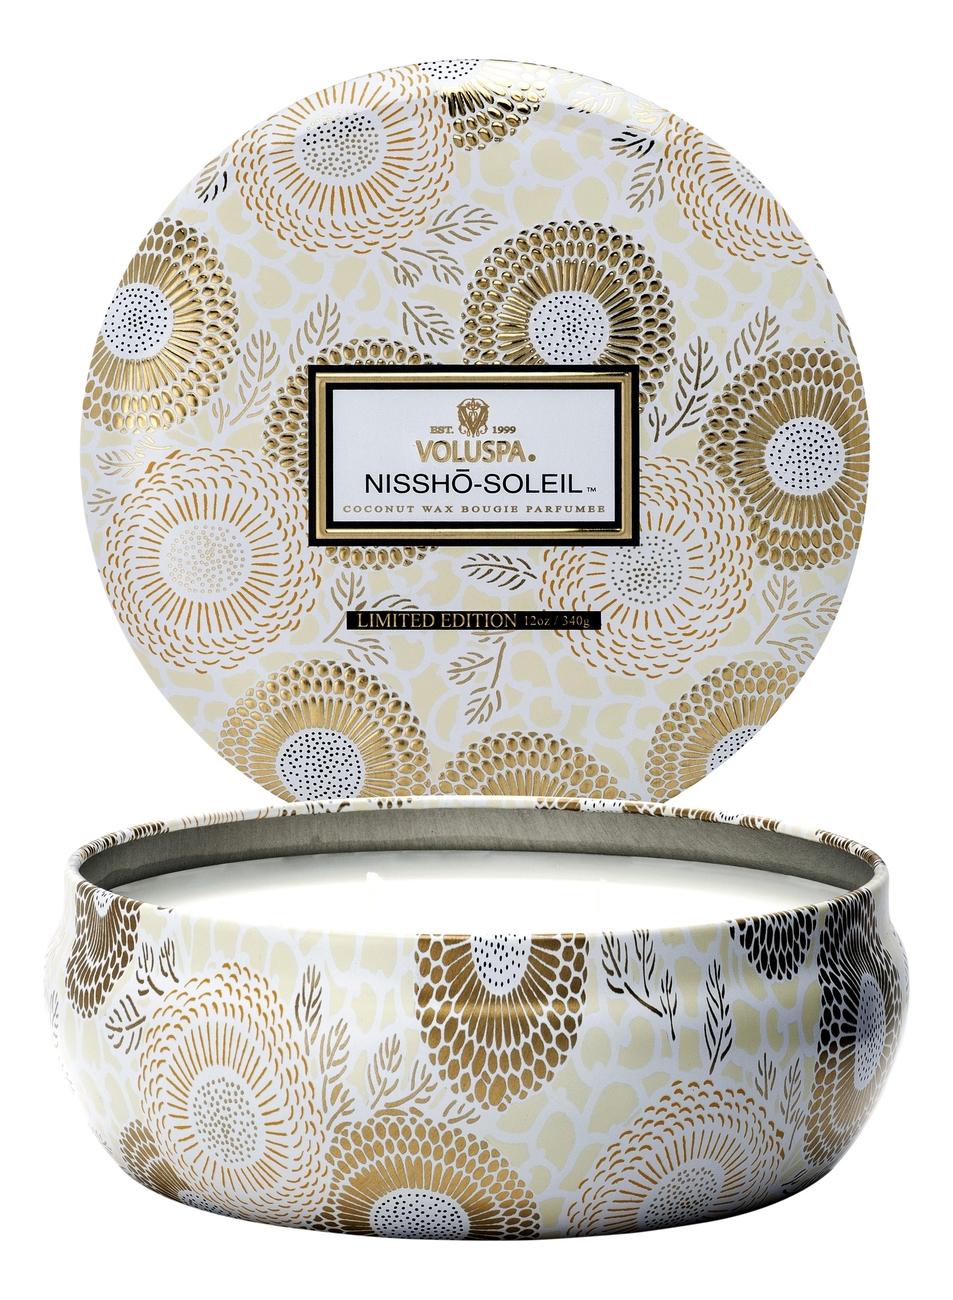 Купить Ароматическая свеча Nissho-Soleil (ананас, мандарин и ваниль): свеча в алюминиевом подсвечнике с 3 фитилями 340г, VOLUSPA